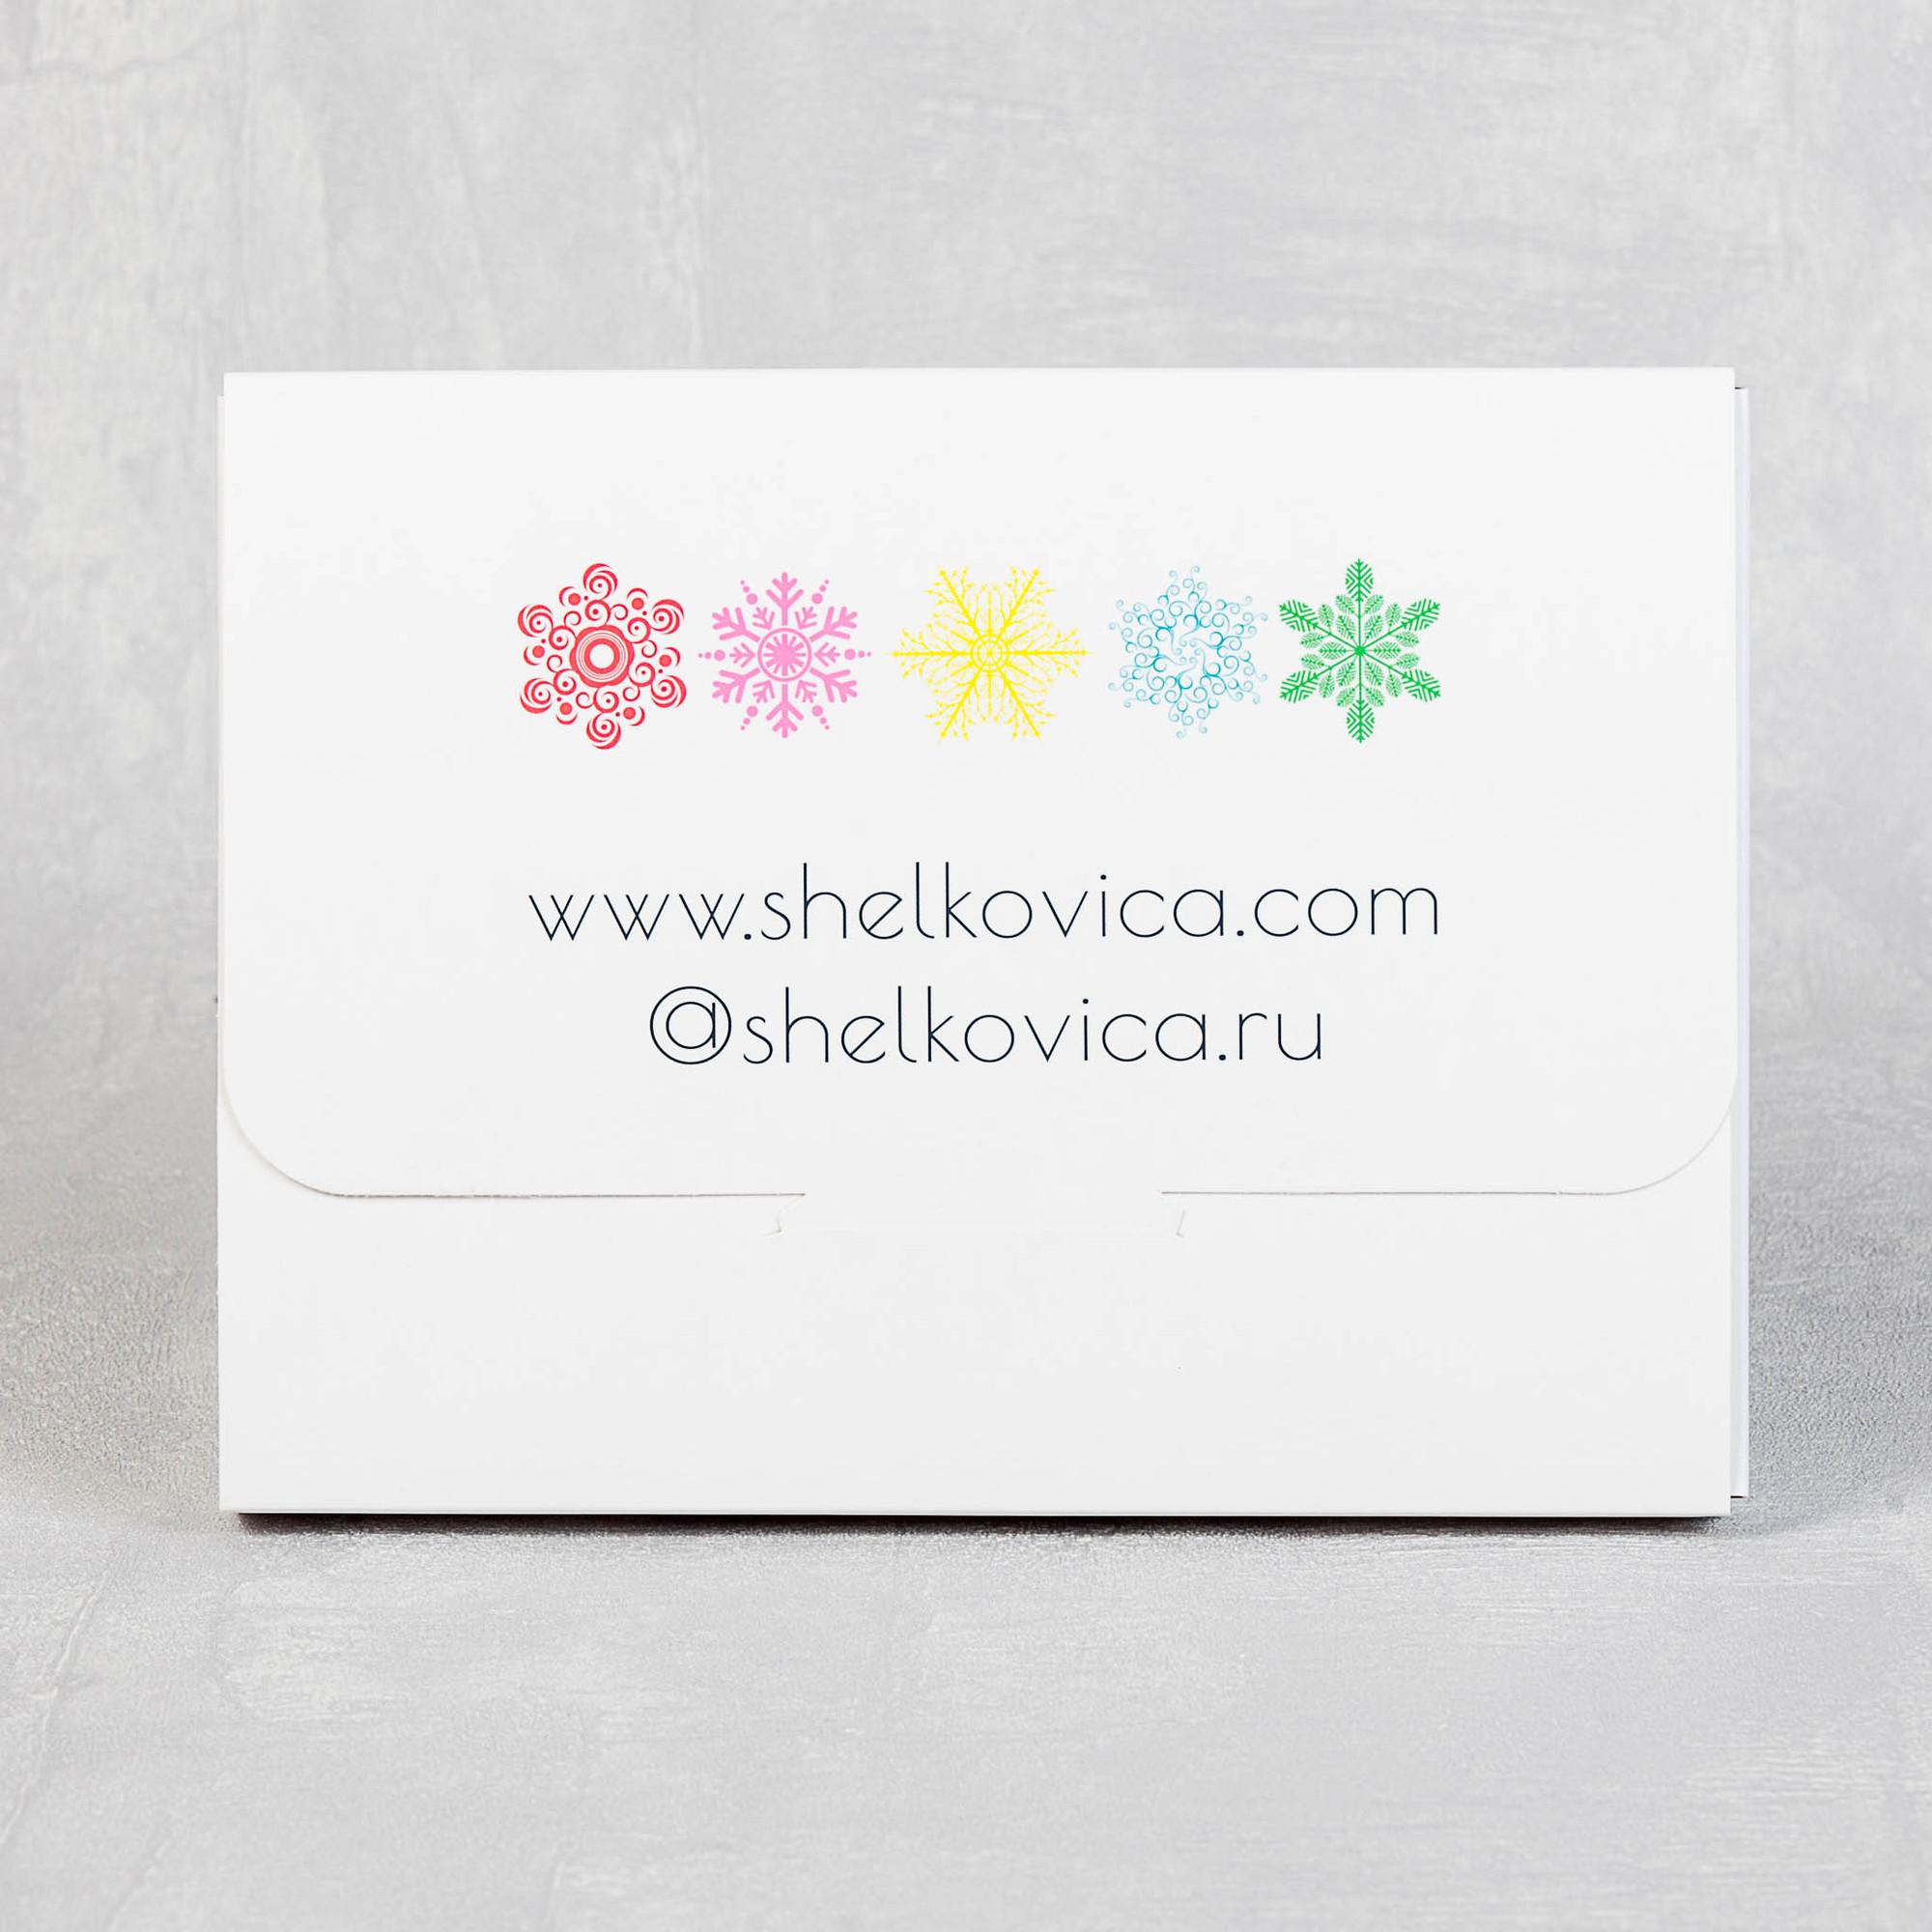 Оьоротная сторона коробки для пилинг варежки